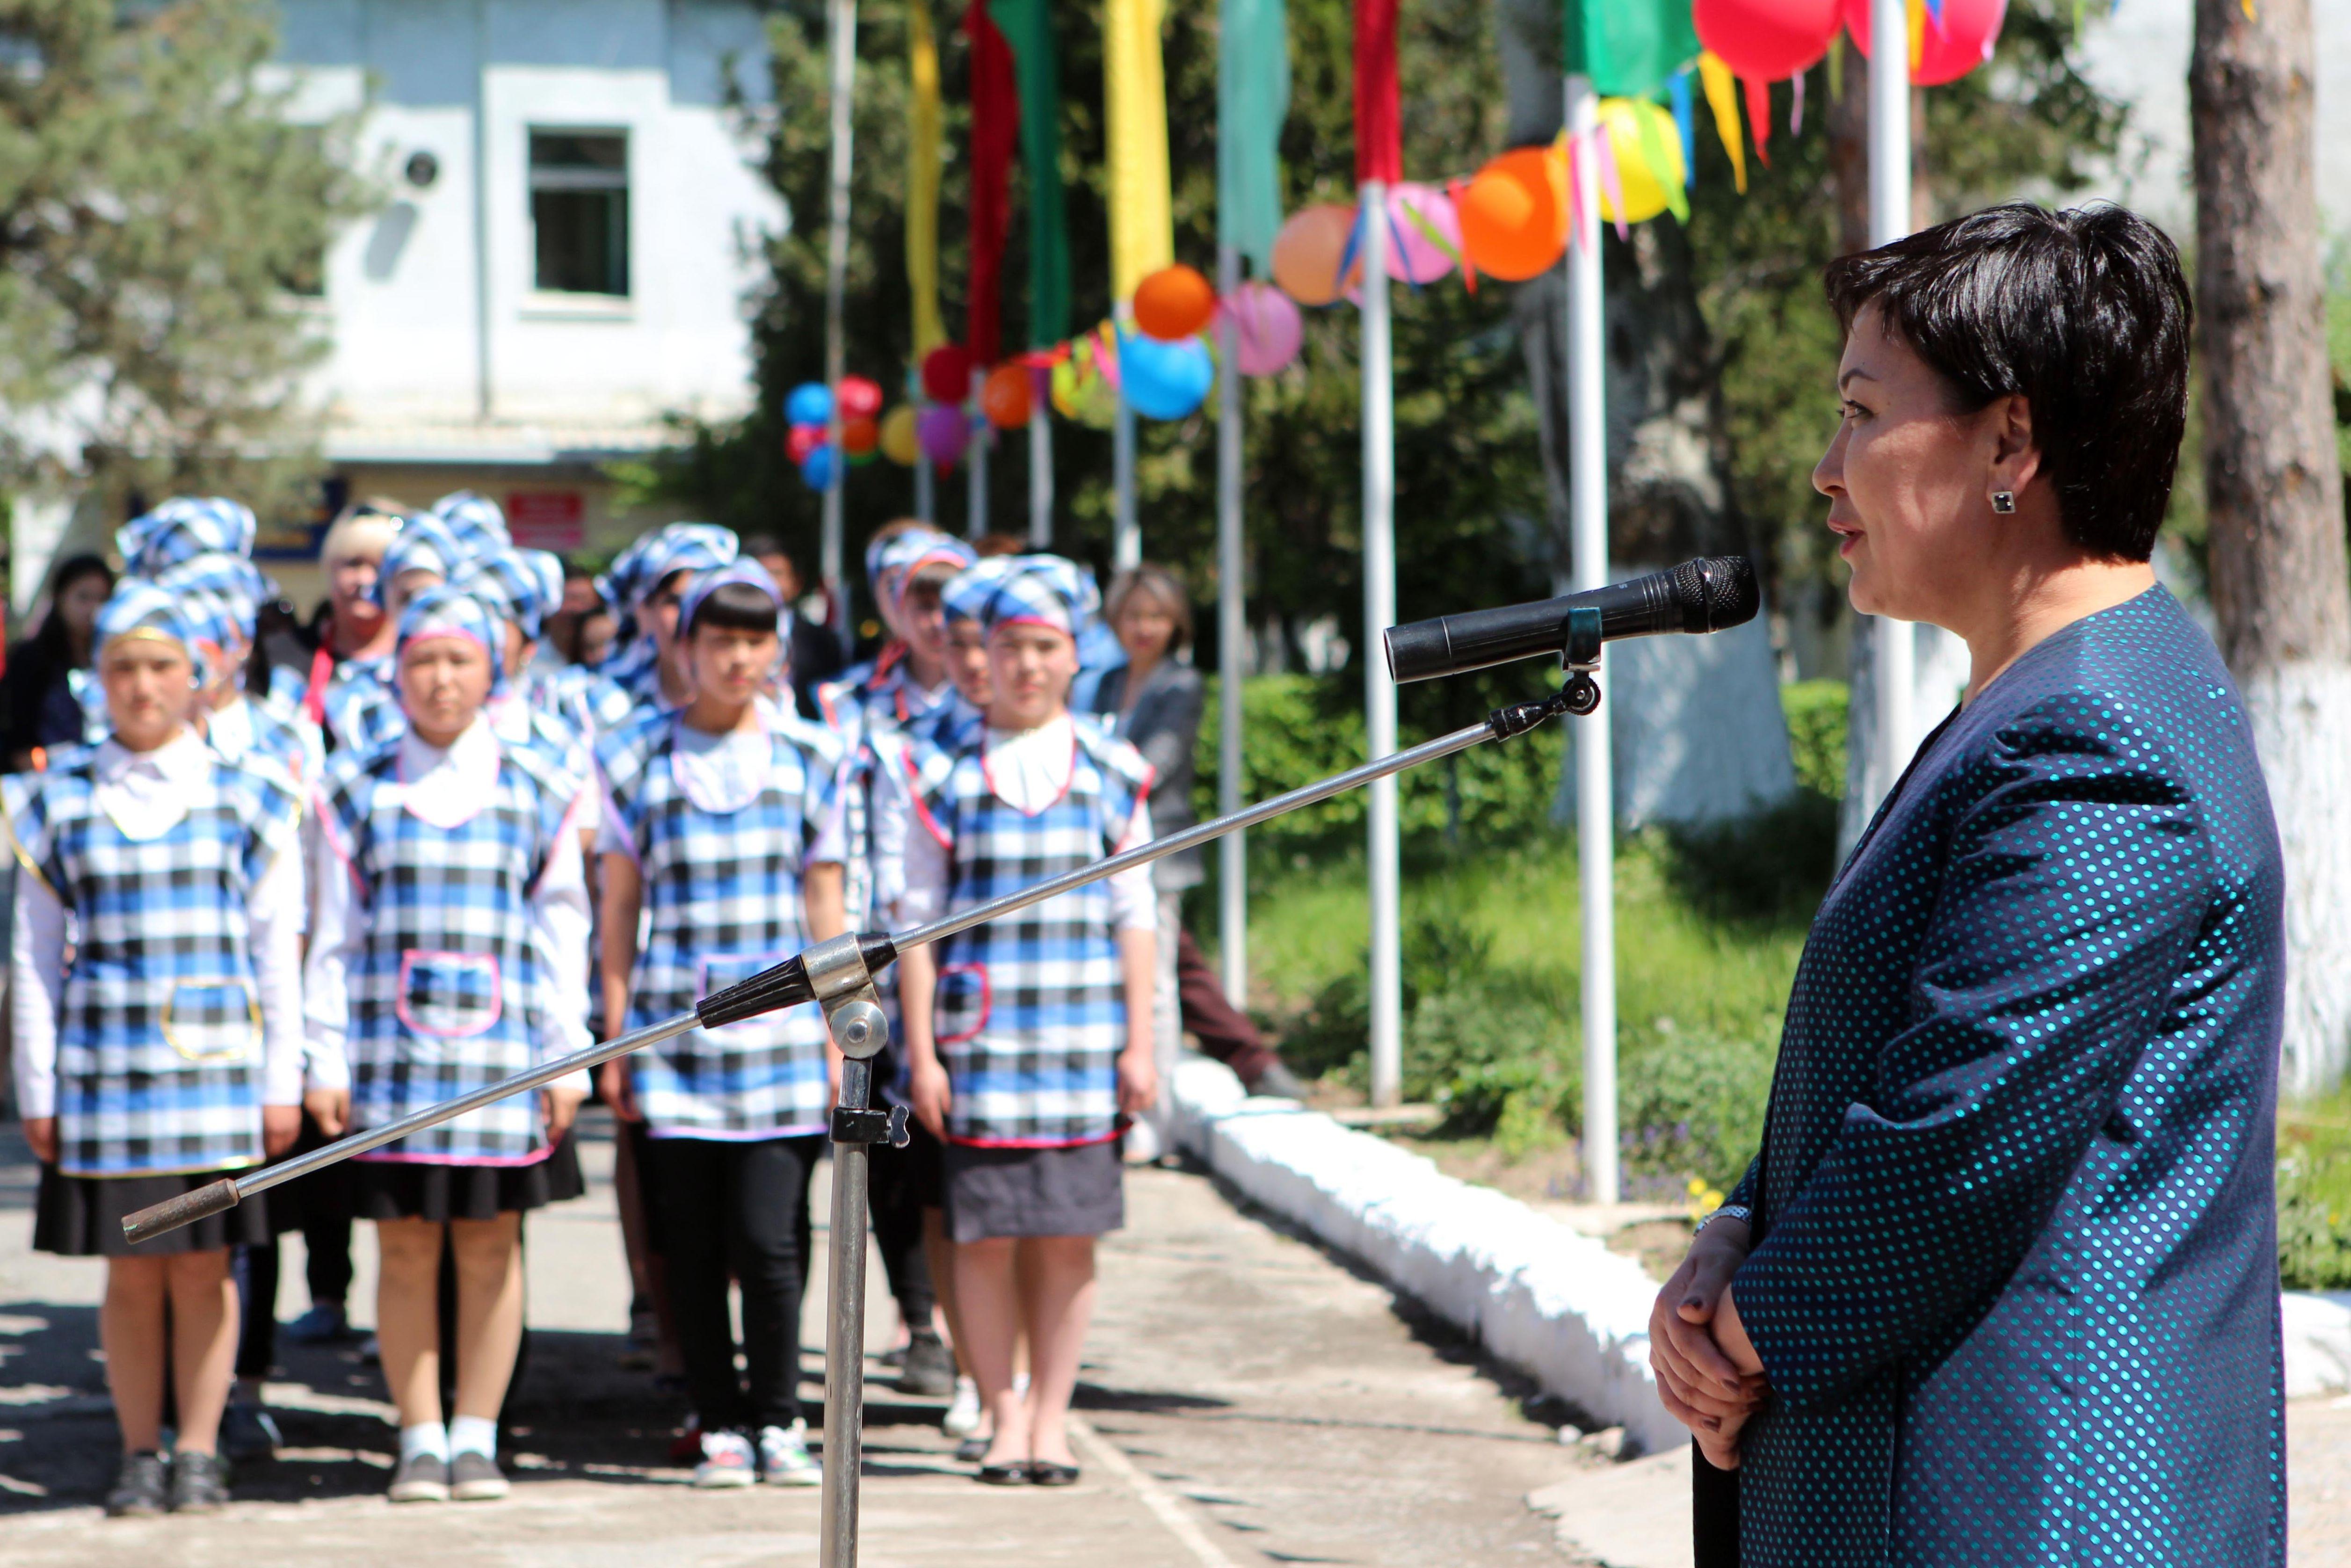 Министр образования и науки Гульмира Кудайбердиева посетила профессиональный лицей №28 в селе Беловодском Чуйской области